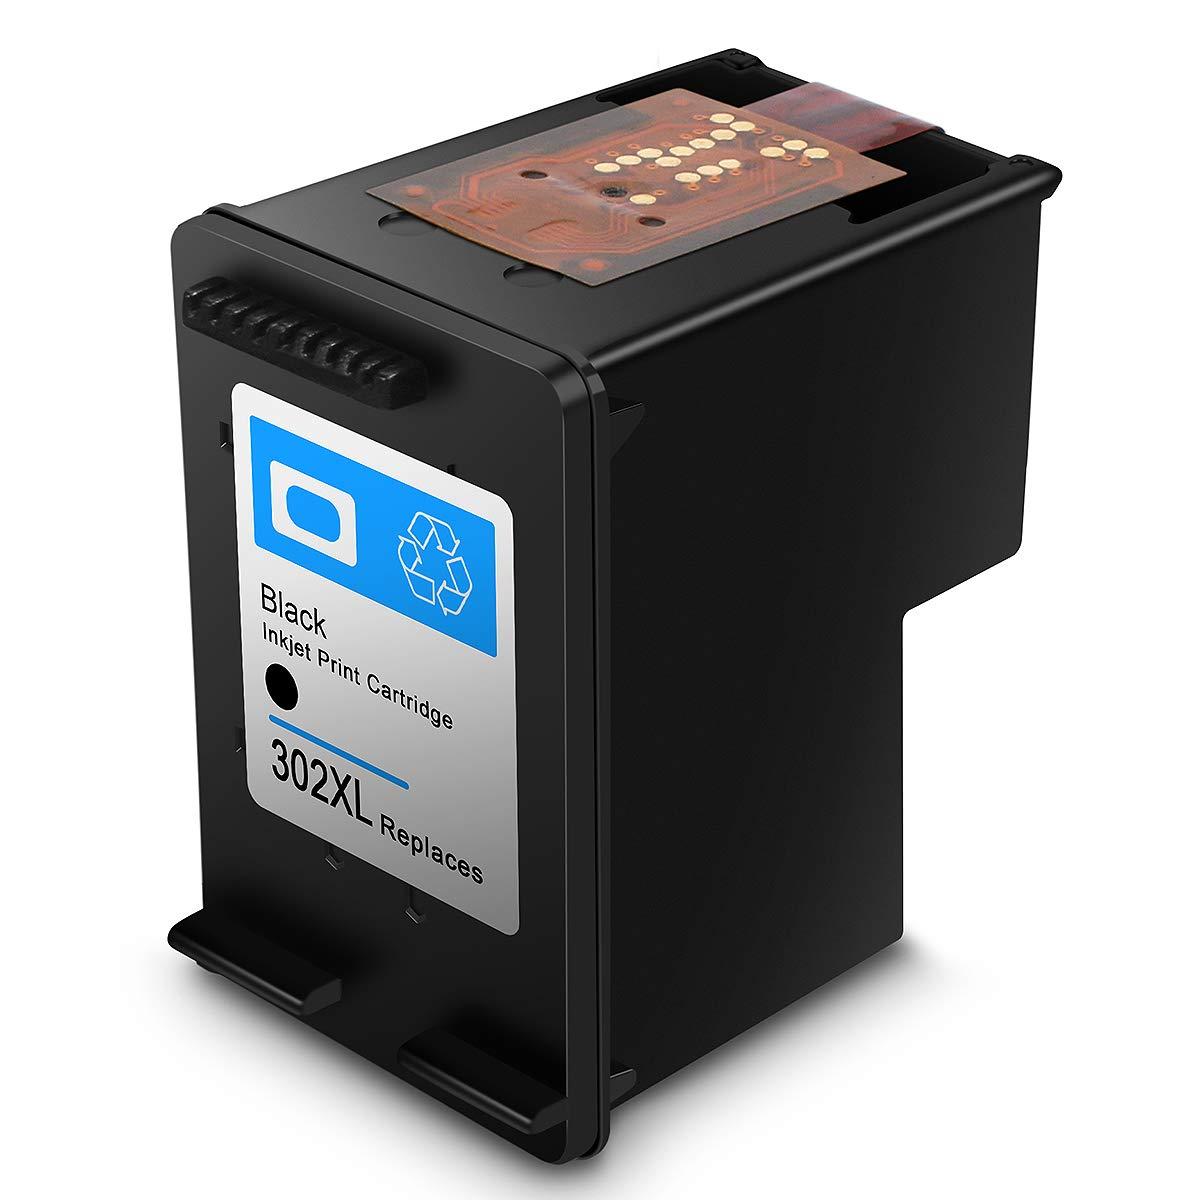 Cartucho de Tinta regenerado HP 302 HP302 XL Cartuchos de Tinta de Alto Rendimiento para HP DeskJet, HP OfficeJet y HP Envy (1 Negro)